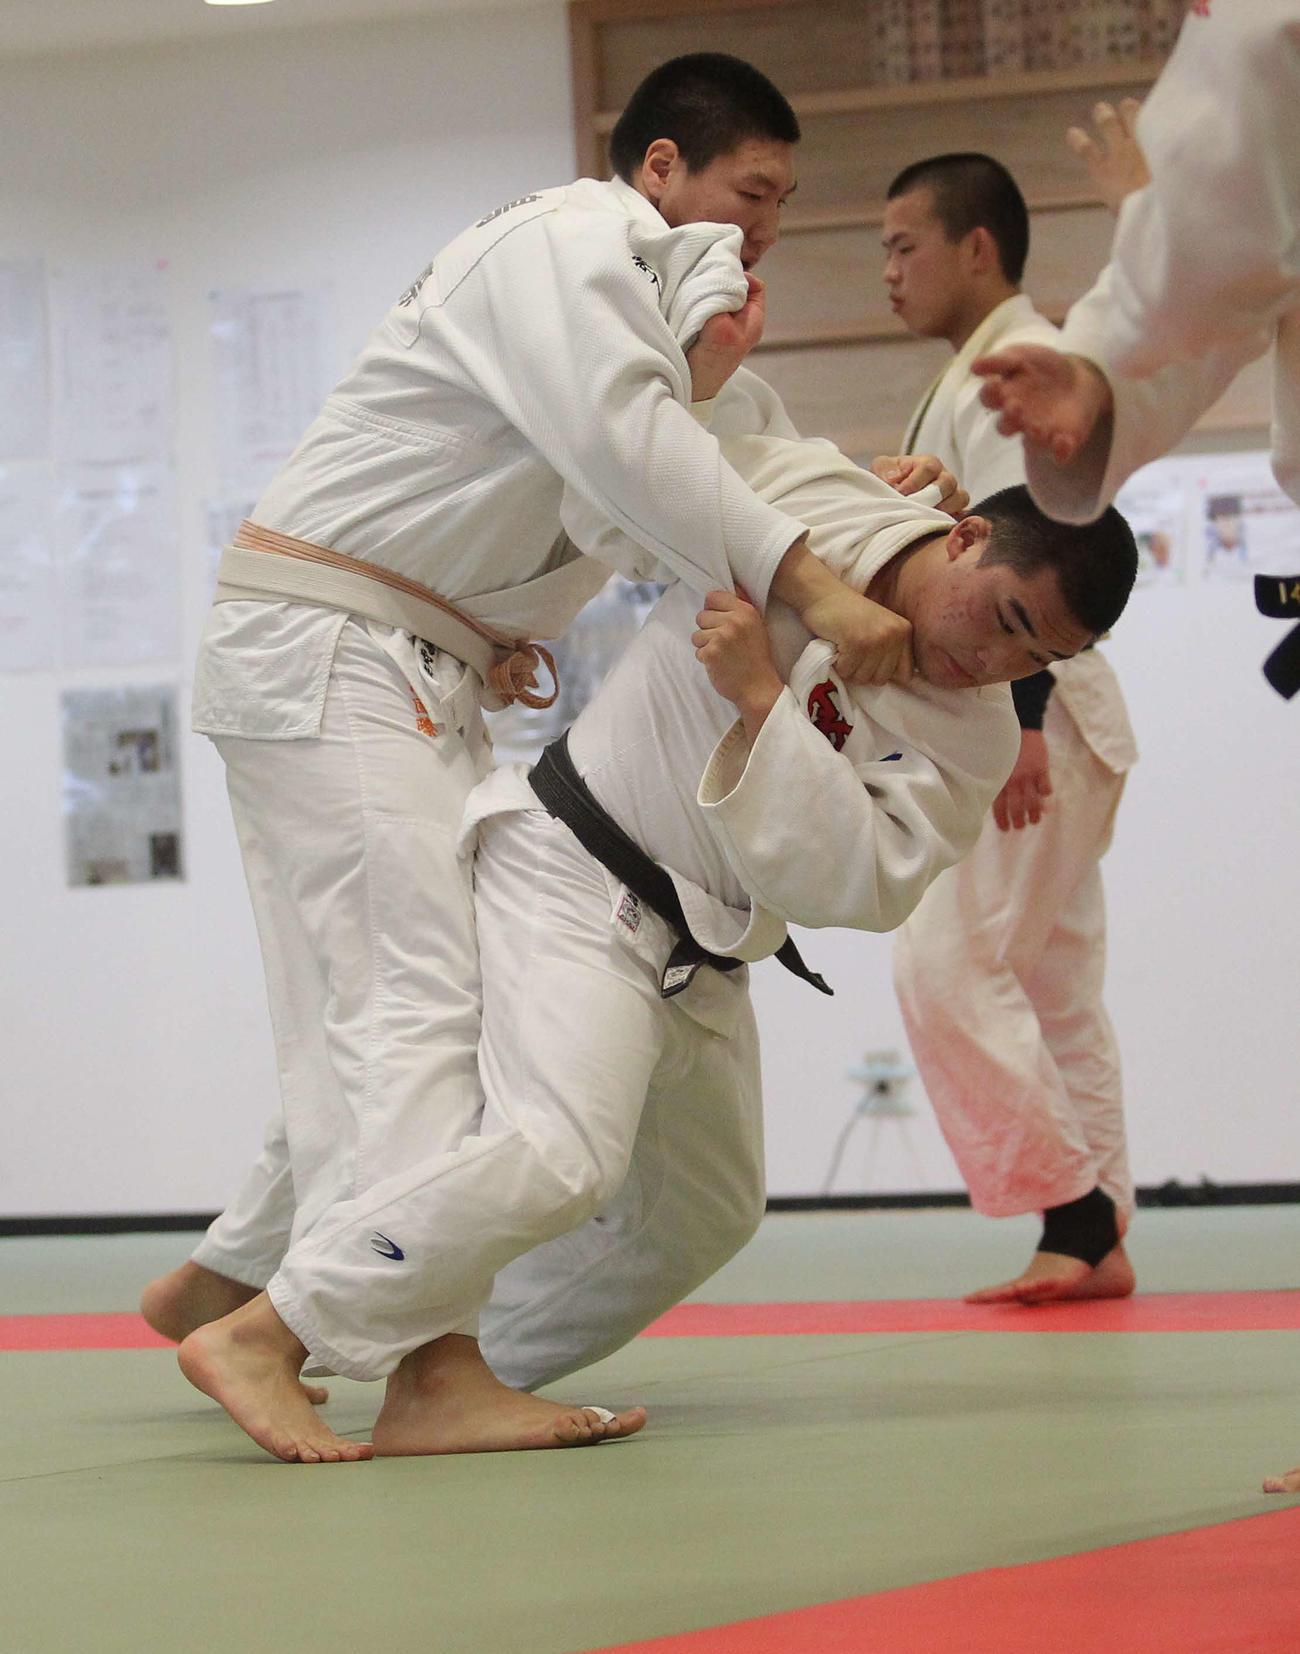 200センチのモンゴル人留学生・ボルトに背負い投げを仕掛ける川田